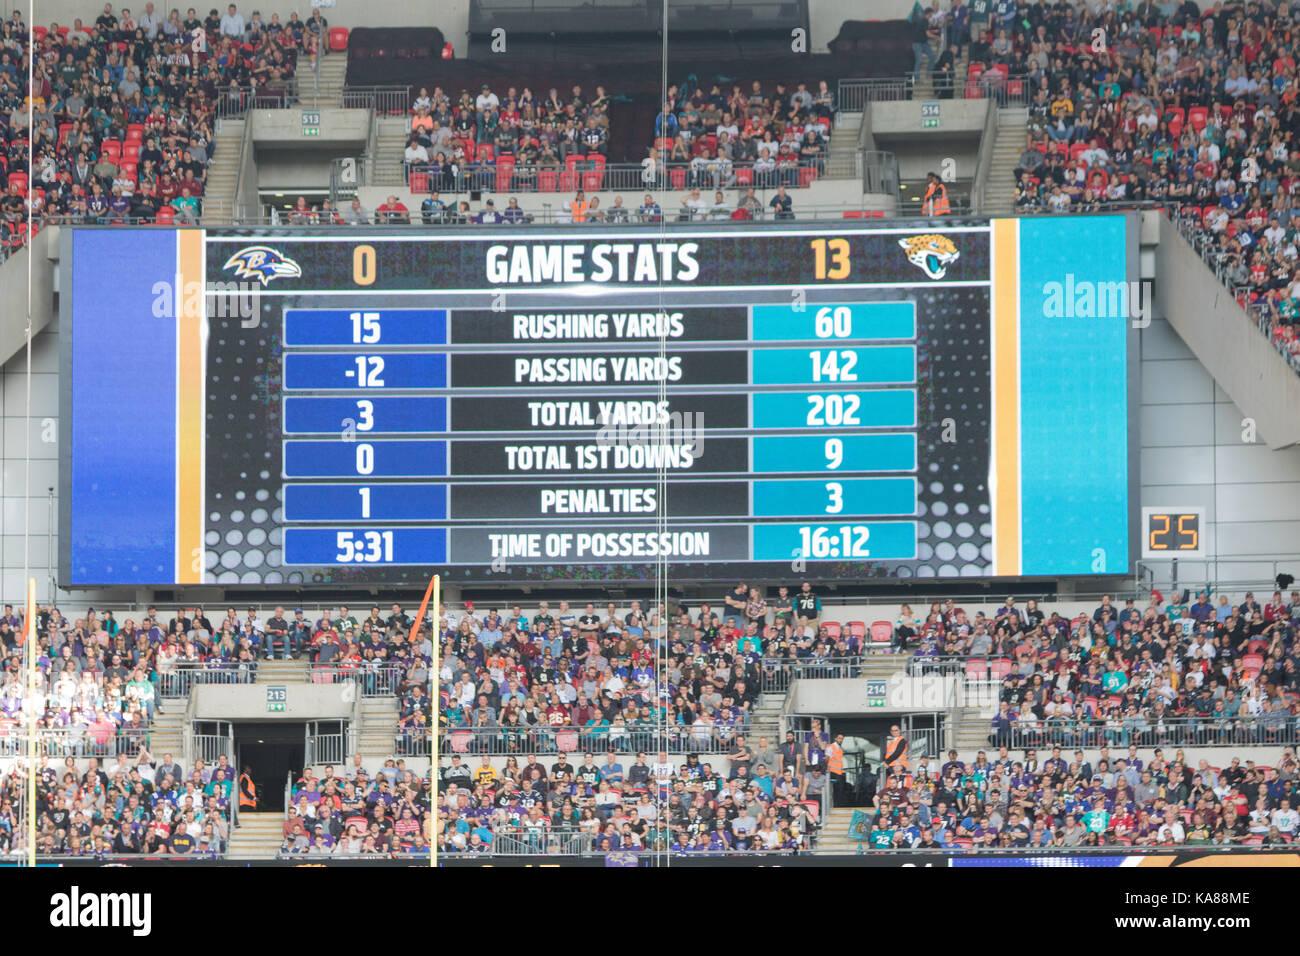 Wembley Stadium, London, England;